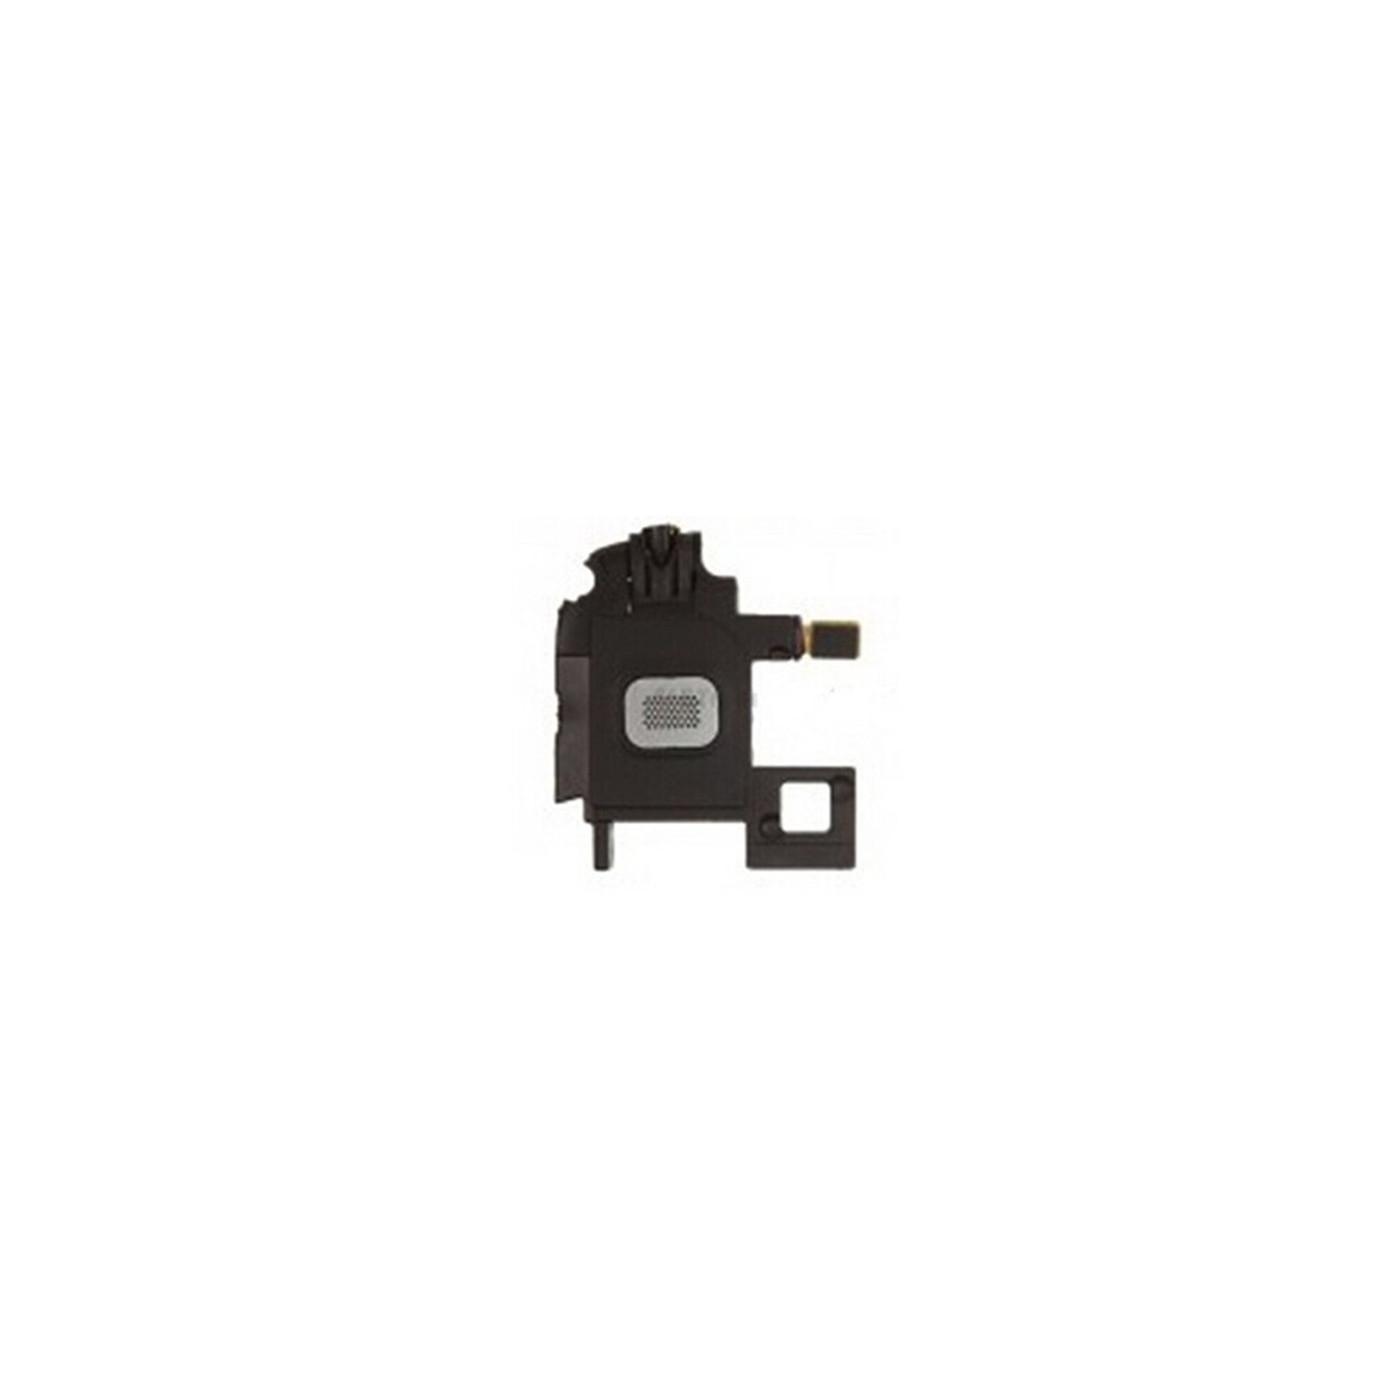 Loud speaker altoparlante per Samsung Galaxy S3 mini i8190 buzzer vivavoce casse